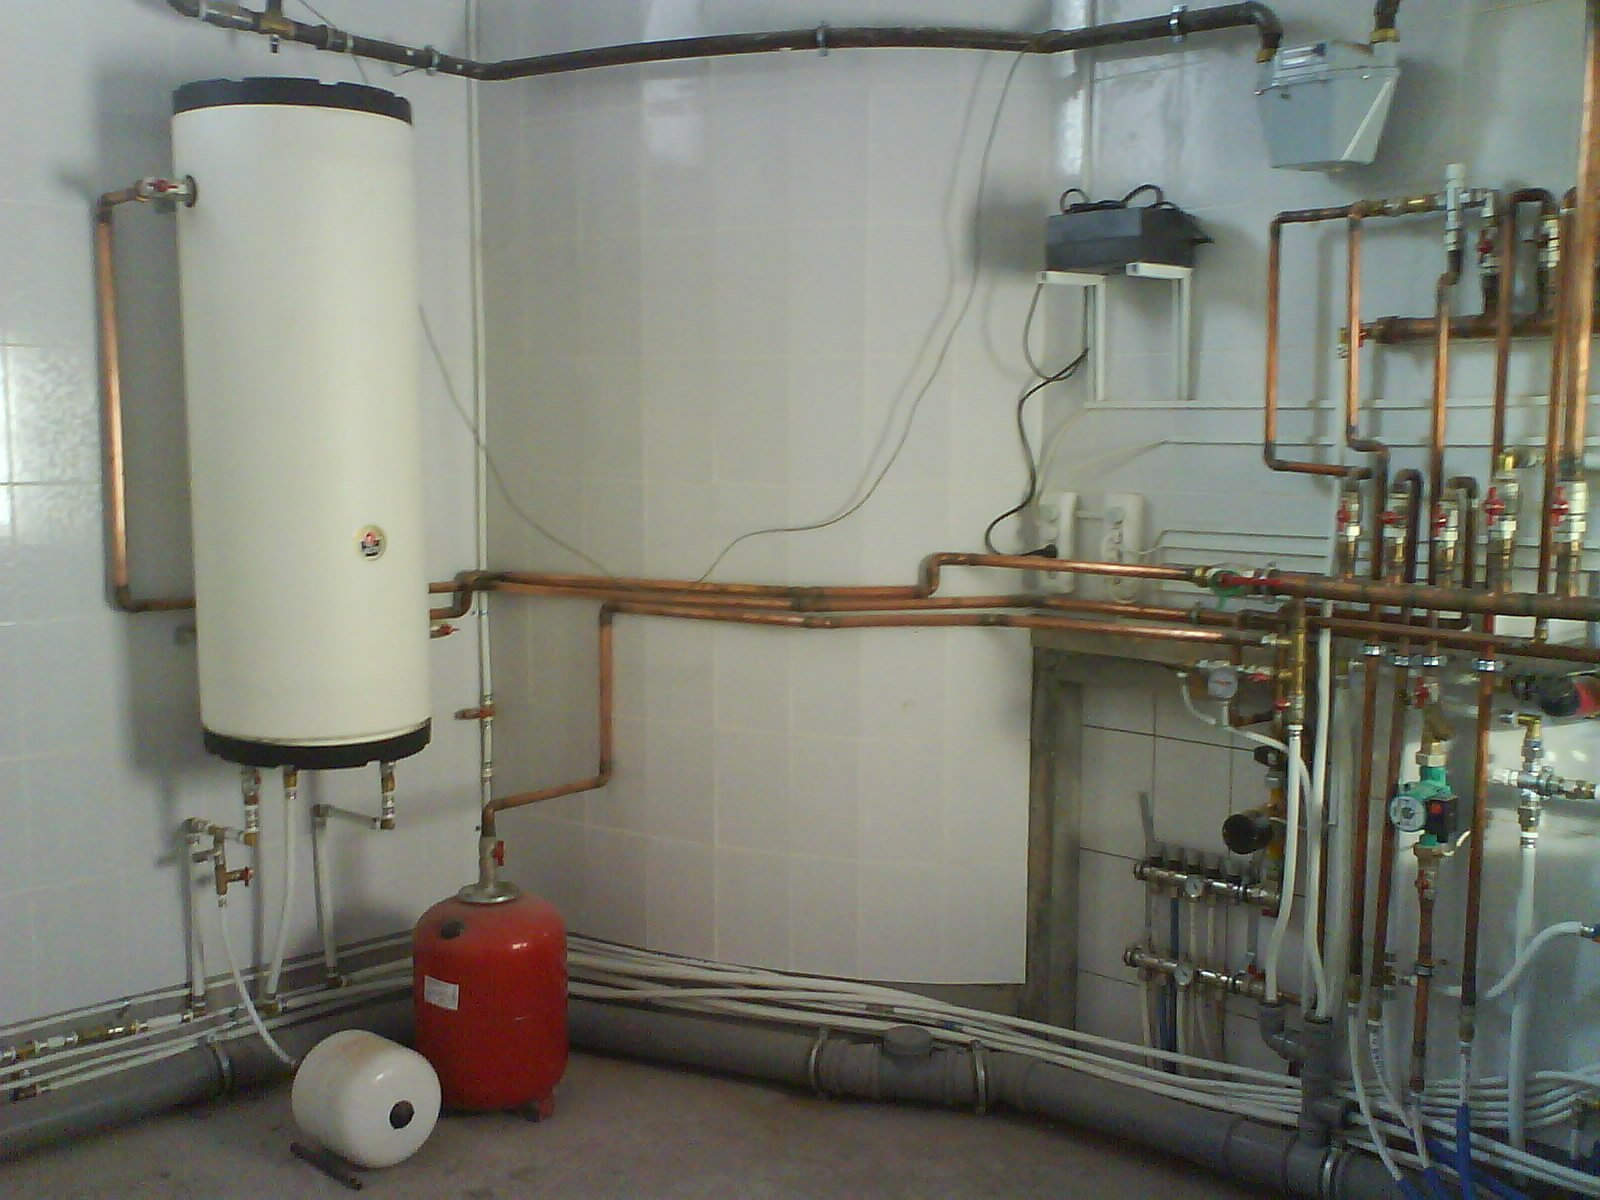 Какие приборы и оборудование входят в состав водяной системы отопления?